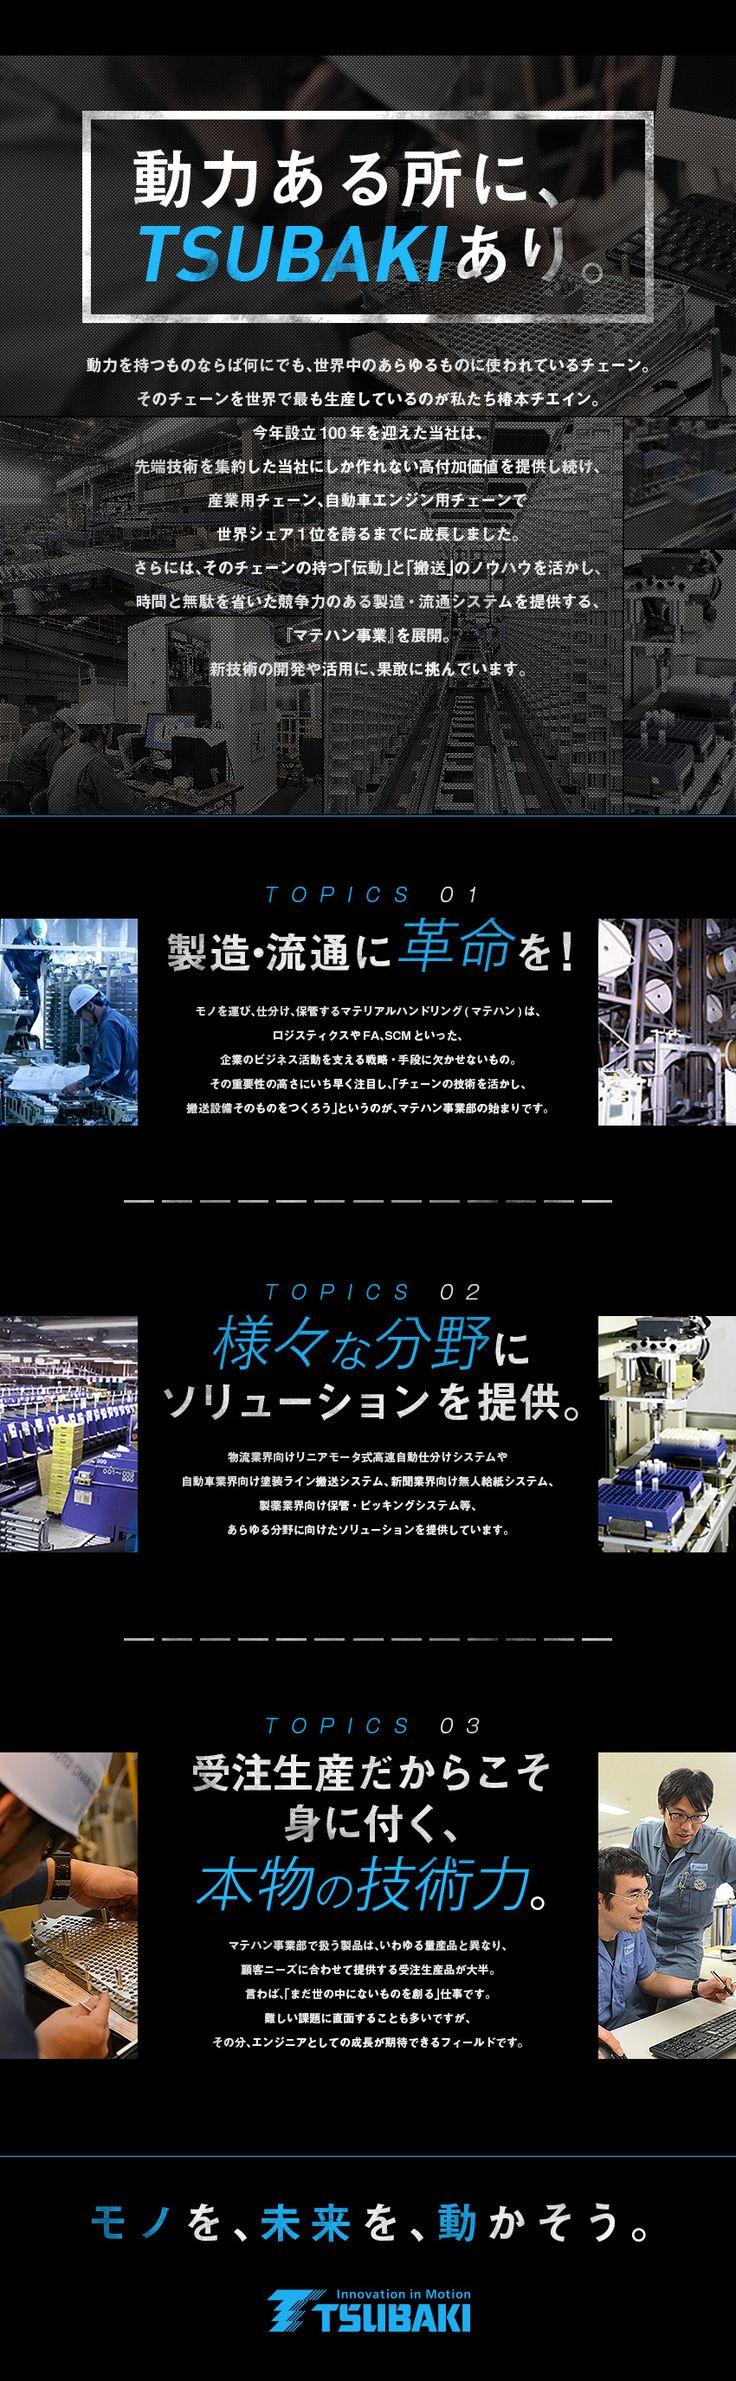 株式会社椿本チエイン(東証一部上場)/製造・流通分野で活躍する搬送システムの機械設計または制御設計/業界経験不問の求人PR - 転職ならDODA(デューダ)